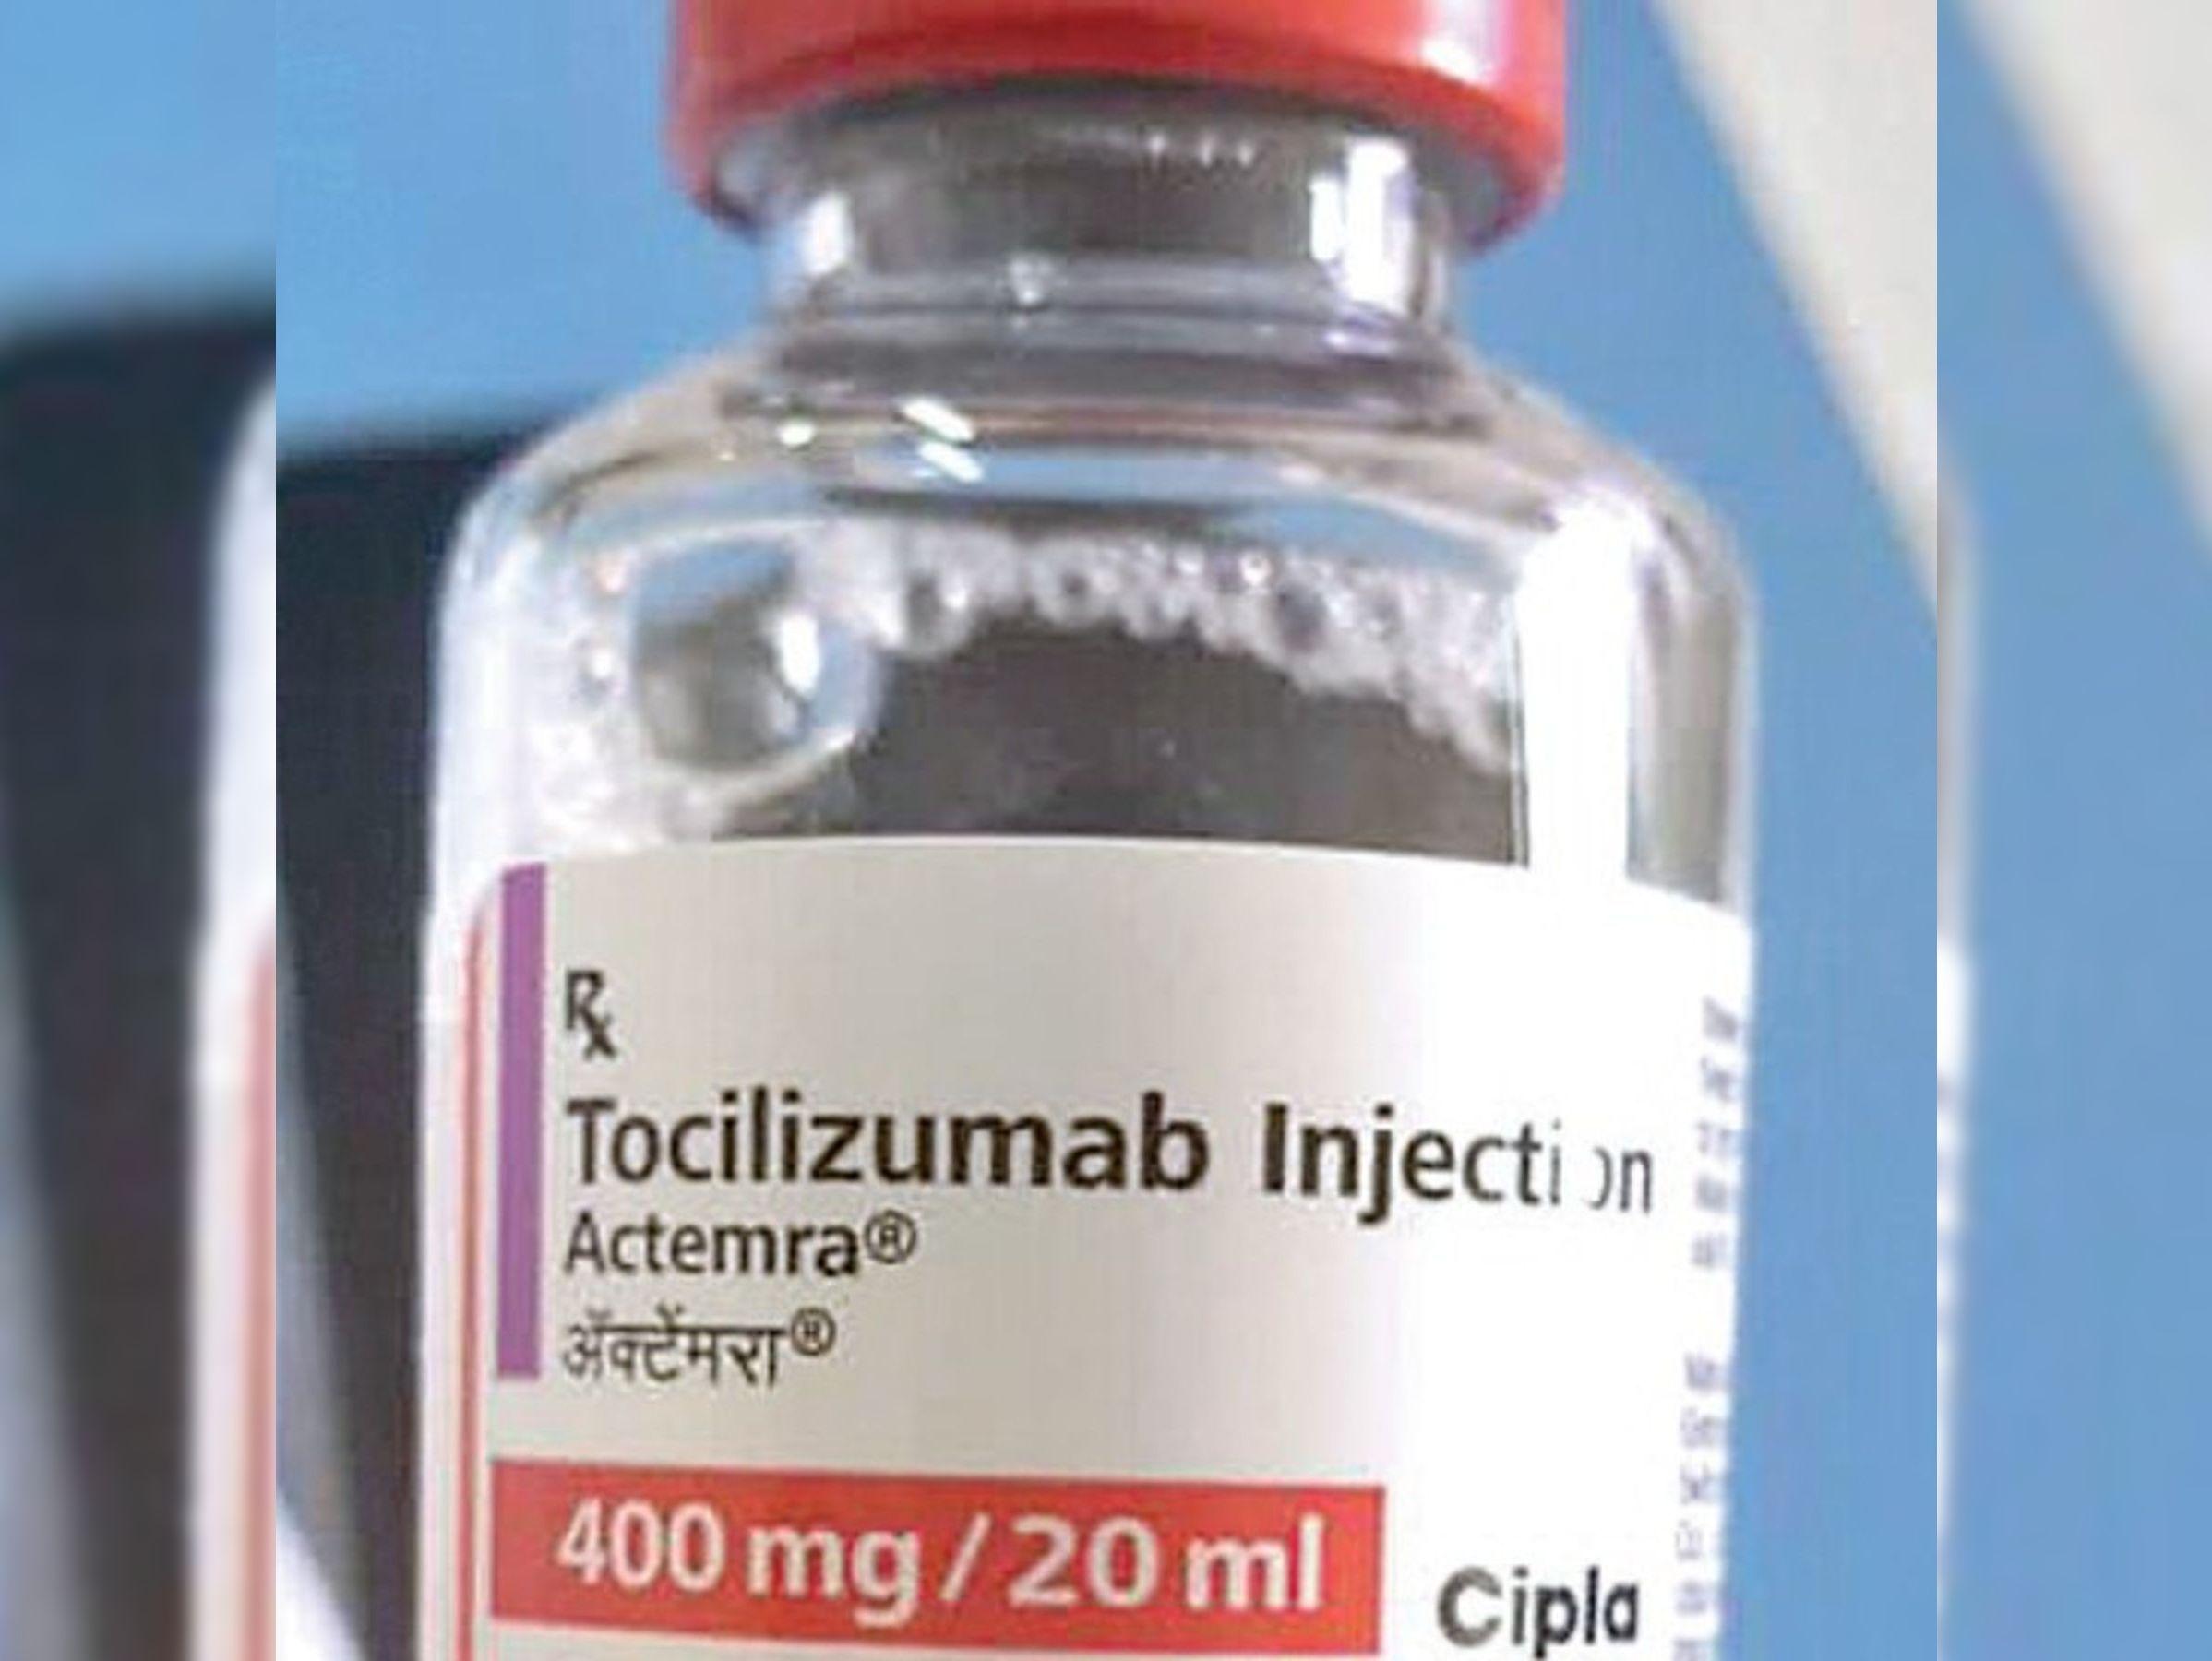 टोसिलिमिजुलैब इंजेक्शन क्लीनिकल आधार पर मूल्यांकन कर इमरजेंसी में ही लगाया जाता है। यही वजह है कि इसकी जरूरत कम ही मरीजों को होती है। - Dainik Bhaskar